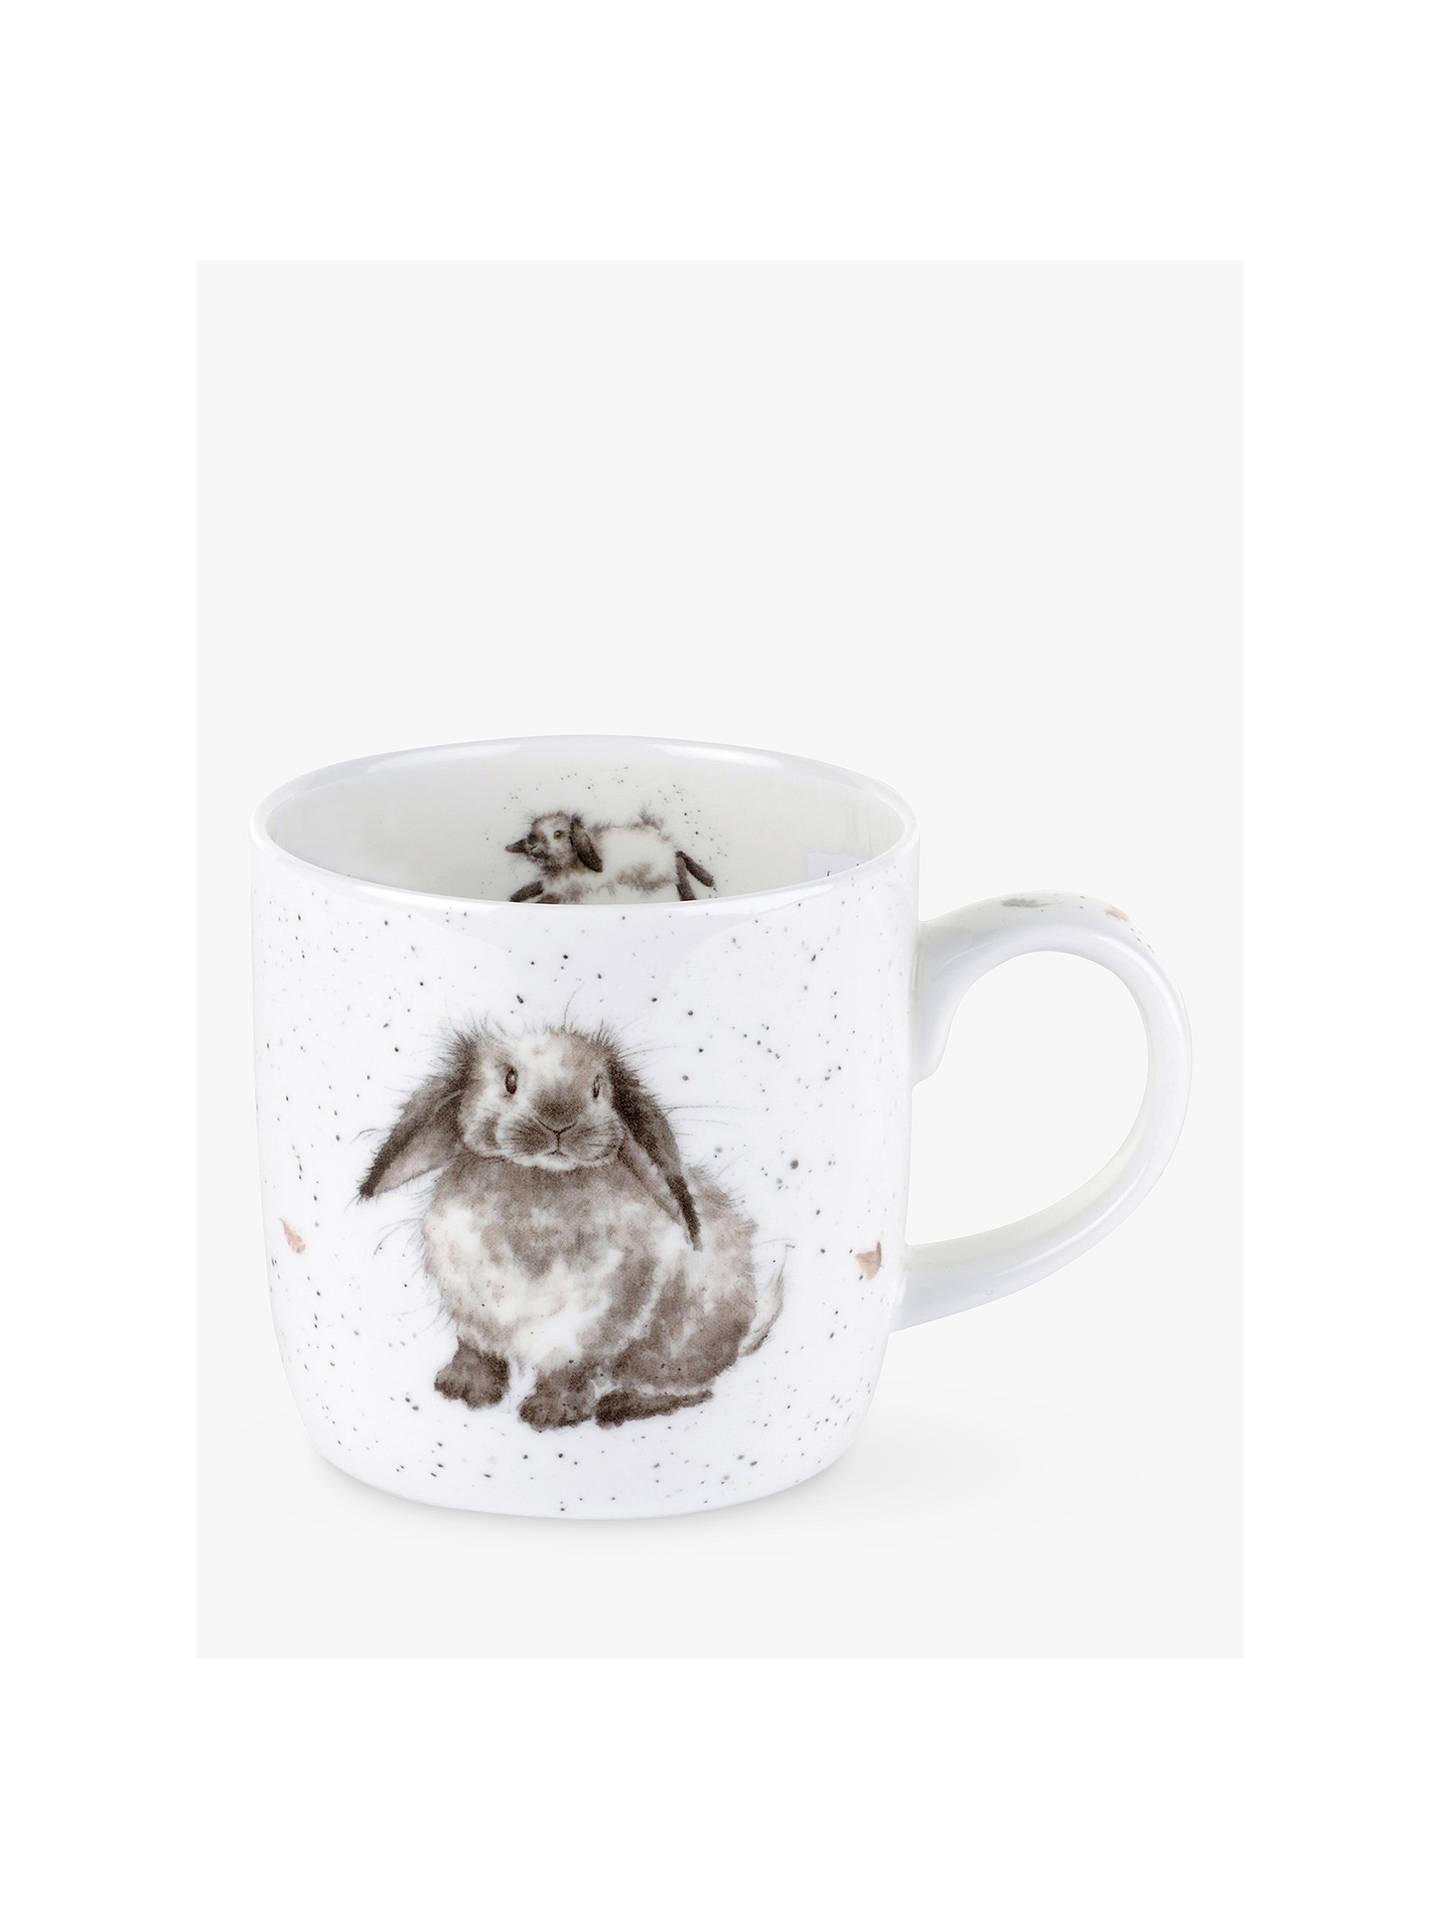 royal worcester wrendale bunny mug at john lewis partners. Black Bedroom Furniture Sets. Home Design Ideas